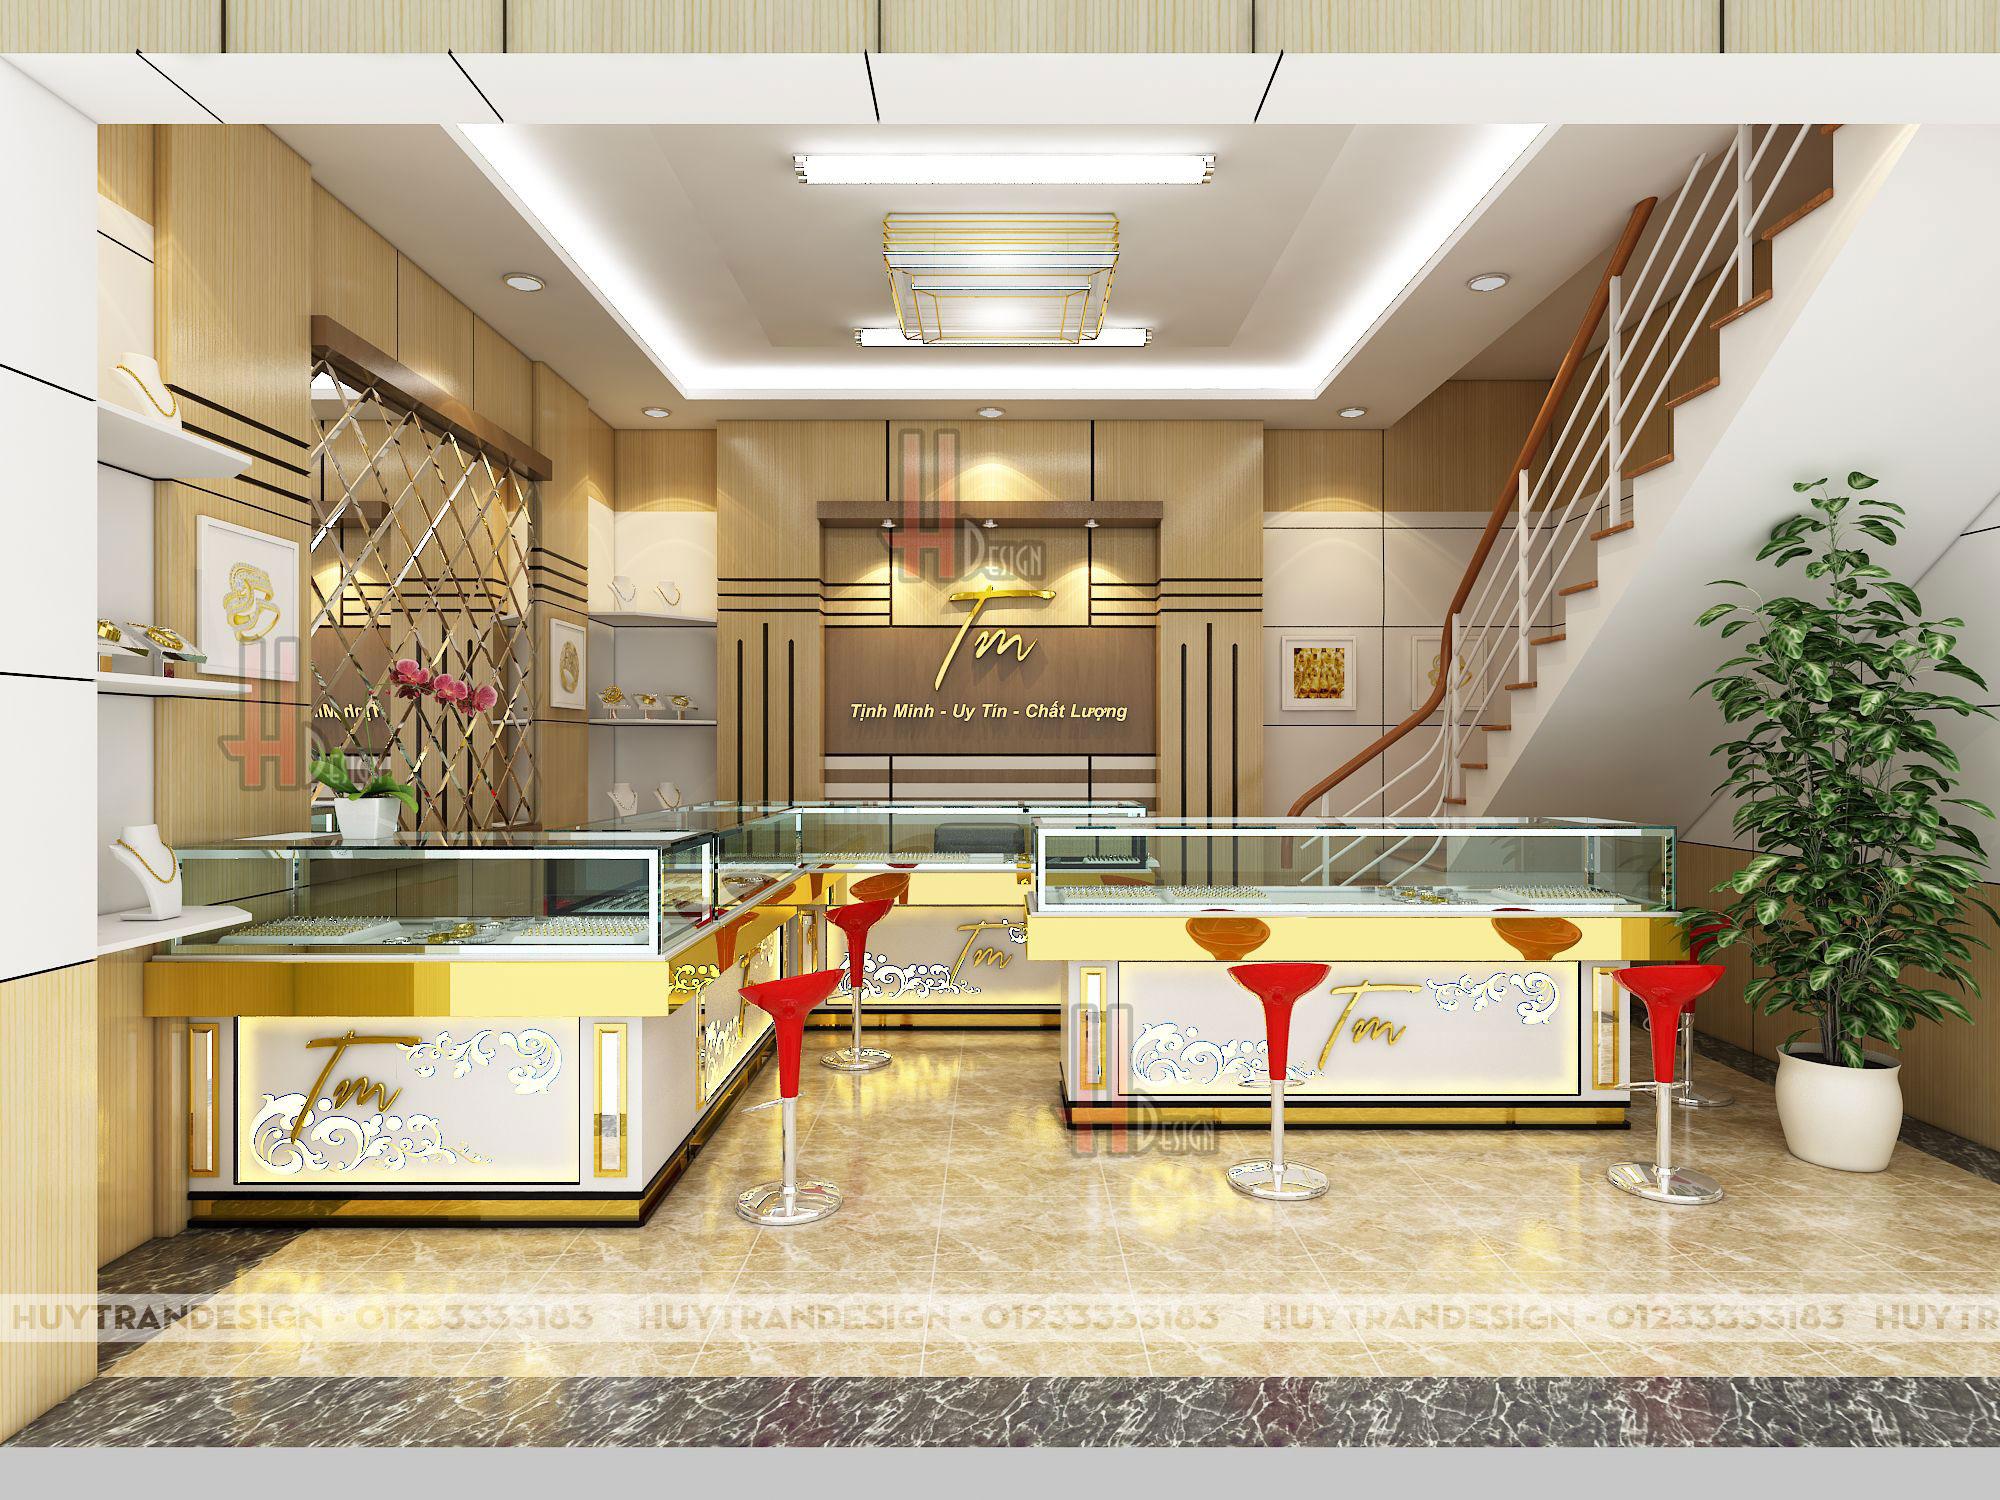 Mẫu thiết kế tiệm vàng - Tịnh Minh Nam Định